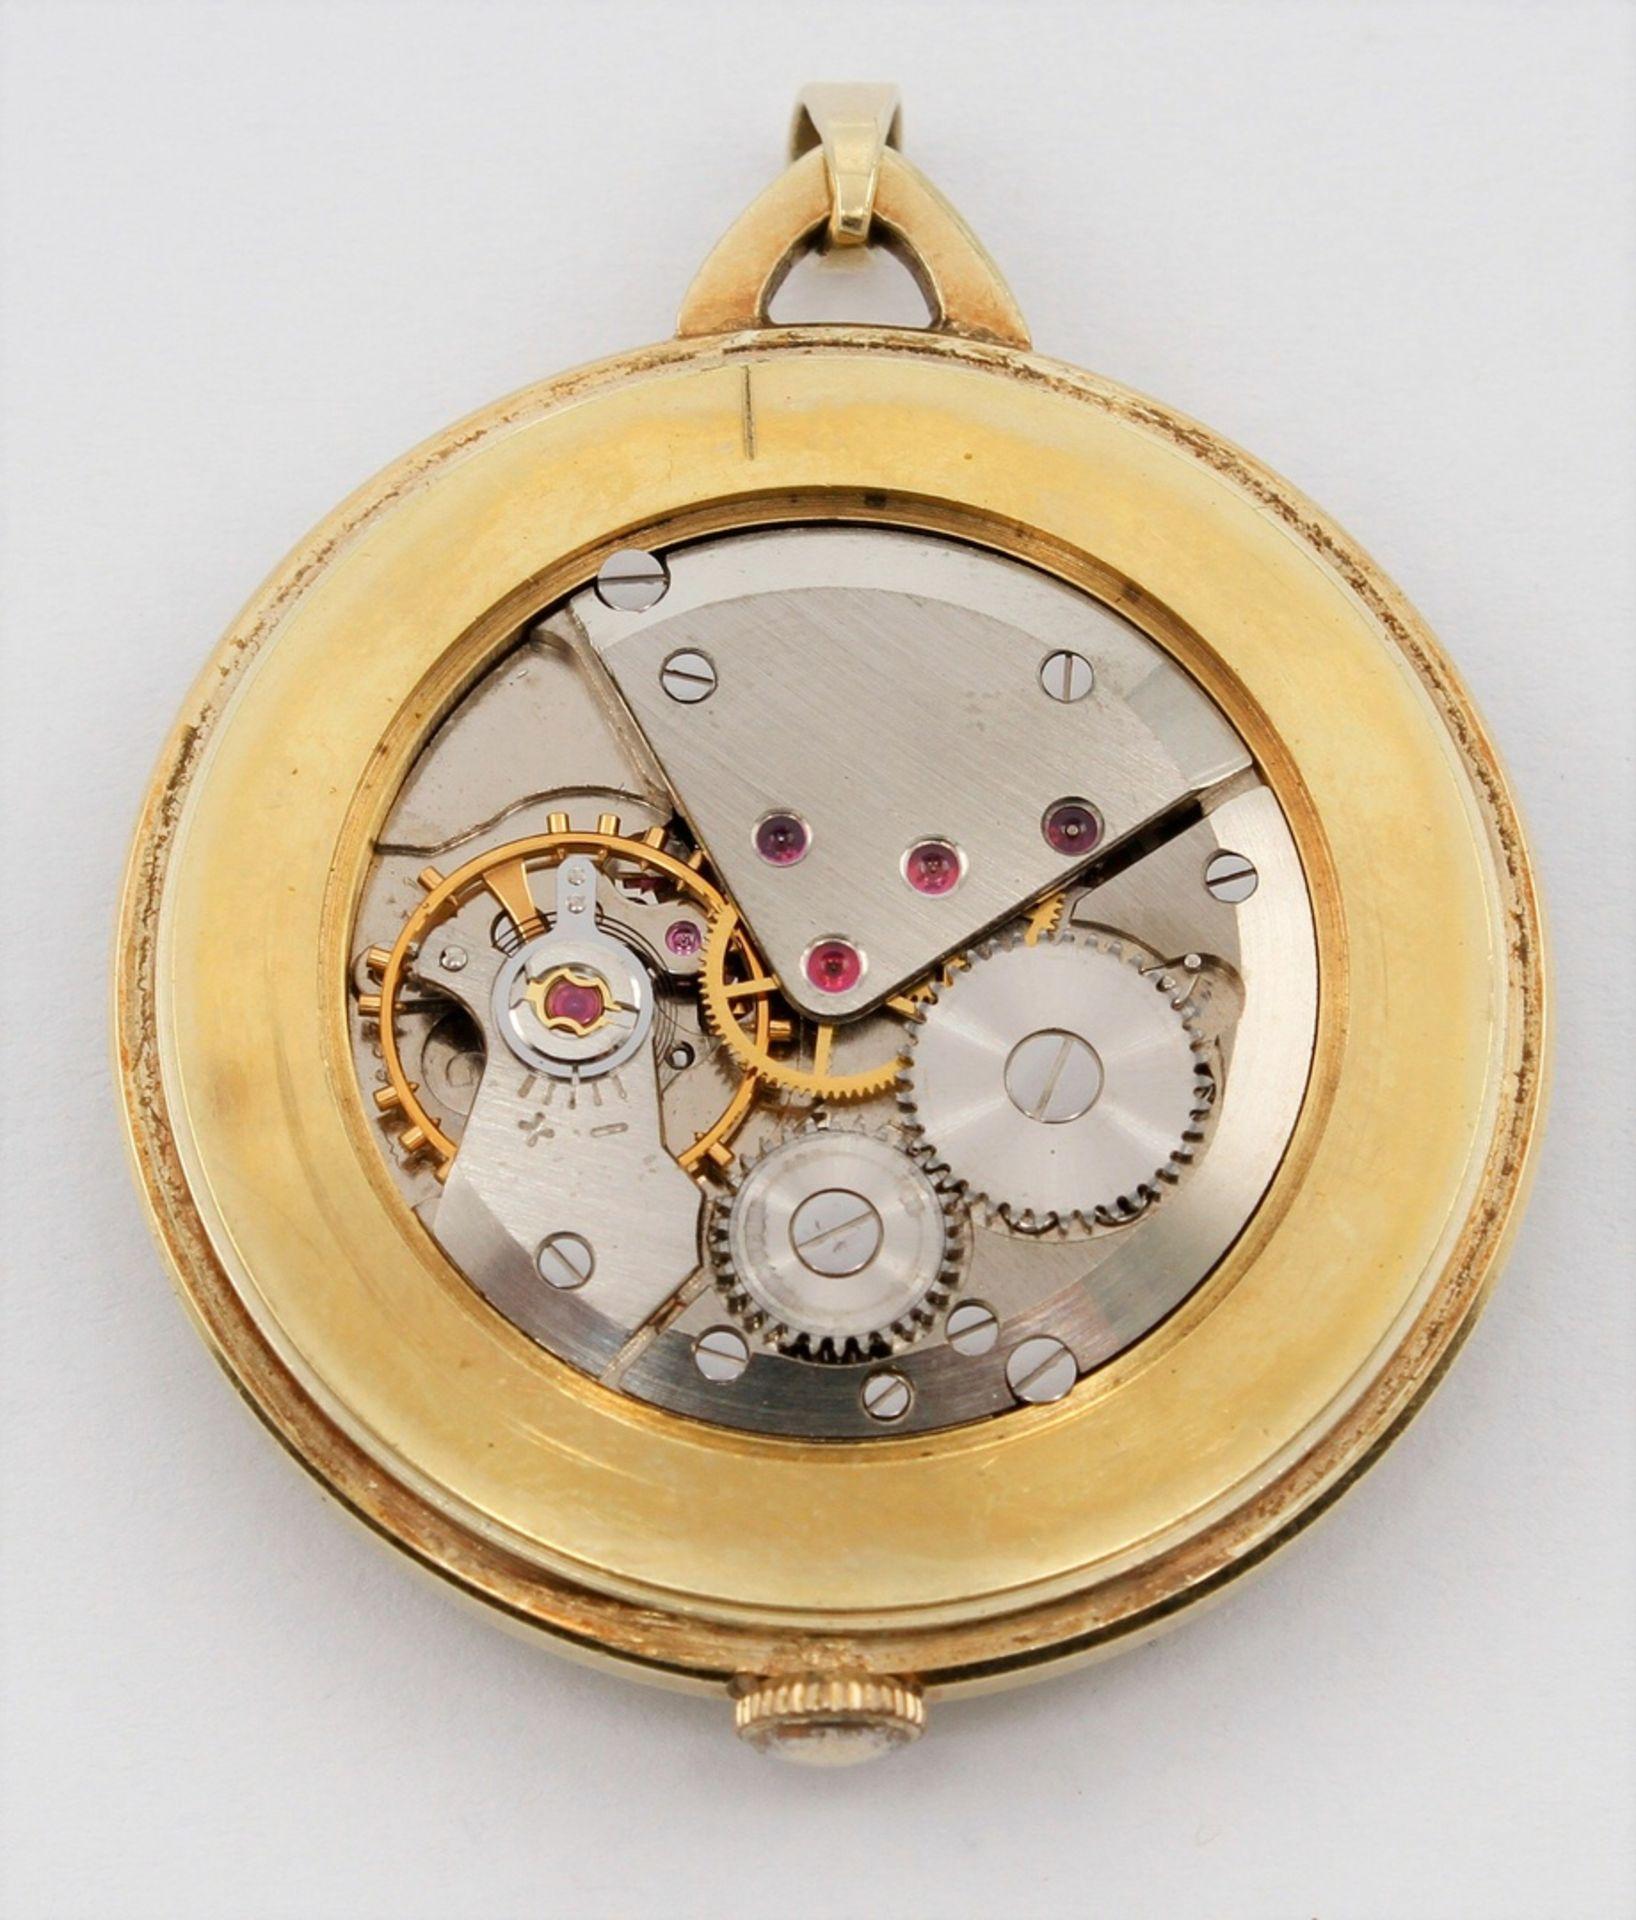 Kleine goldene Anhängeruhr / Damentaschenuhr, 2. Hälfte 20. Jh. - Bild 4 aus 5